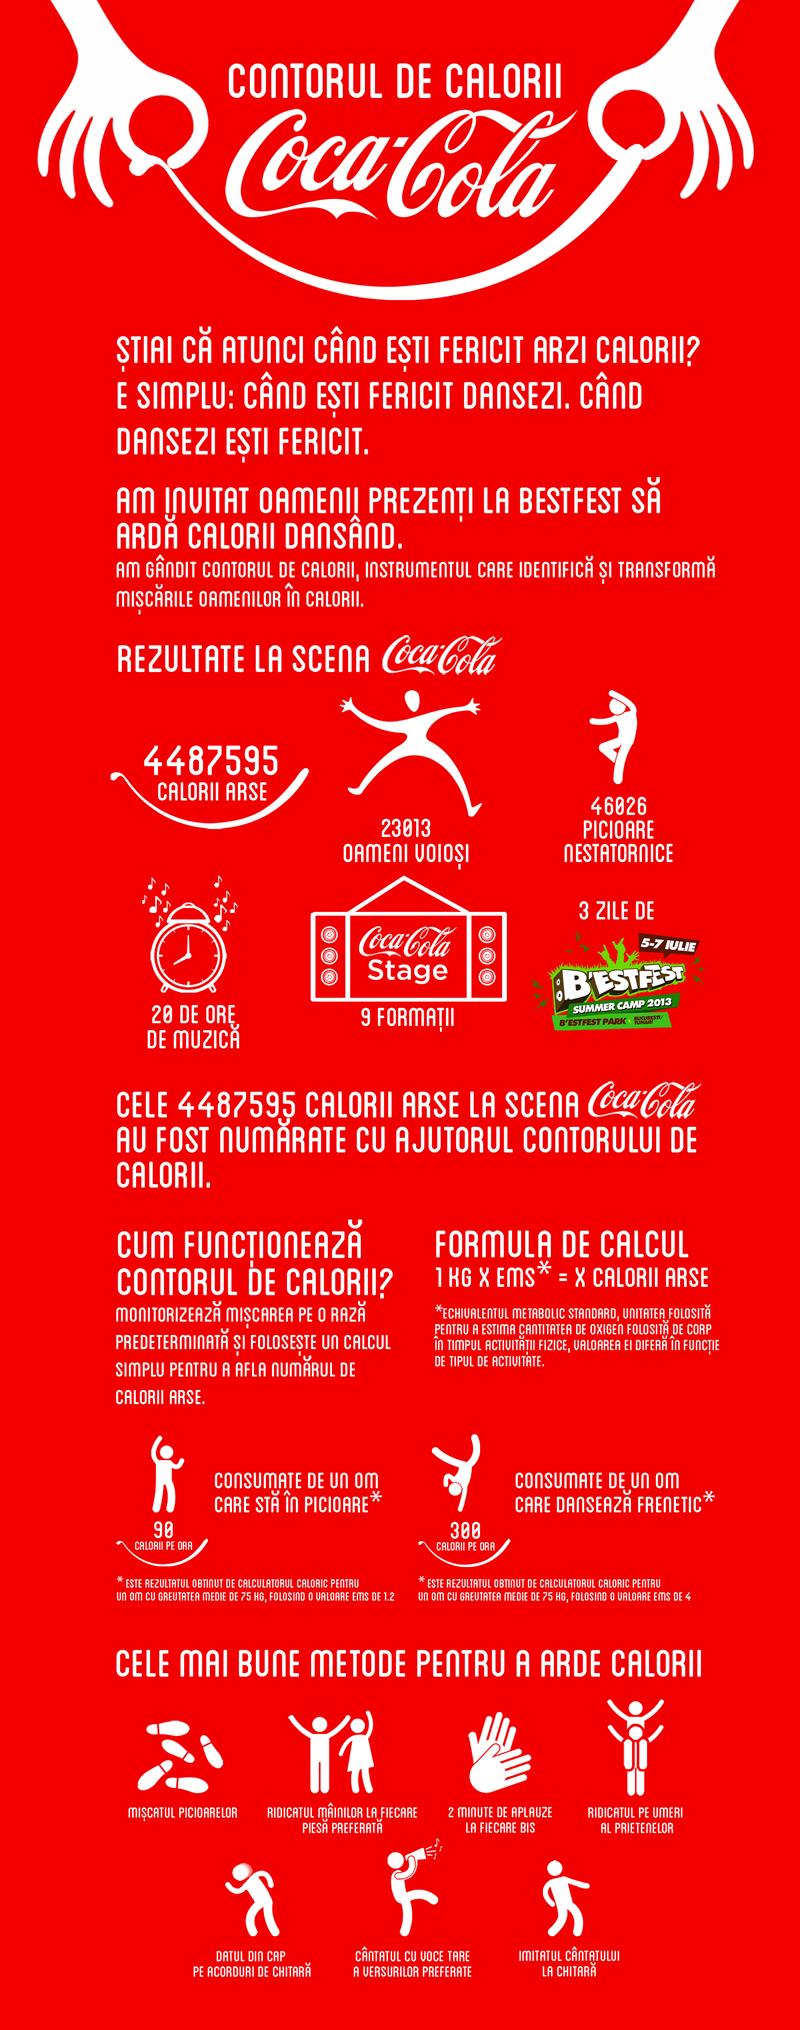 Infografic_Contorul de calorii_Coca Cola_BestFest